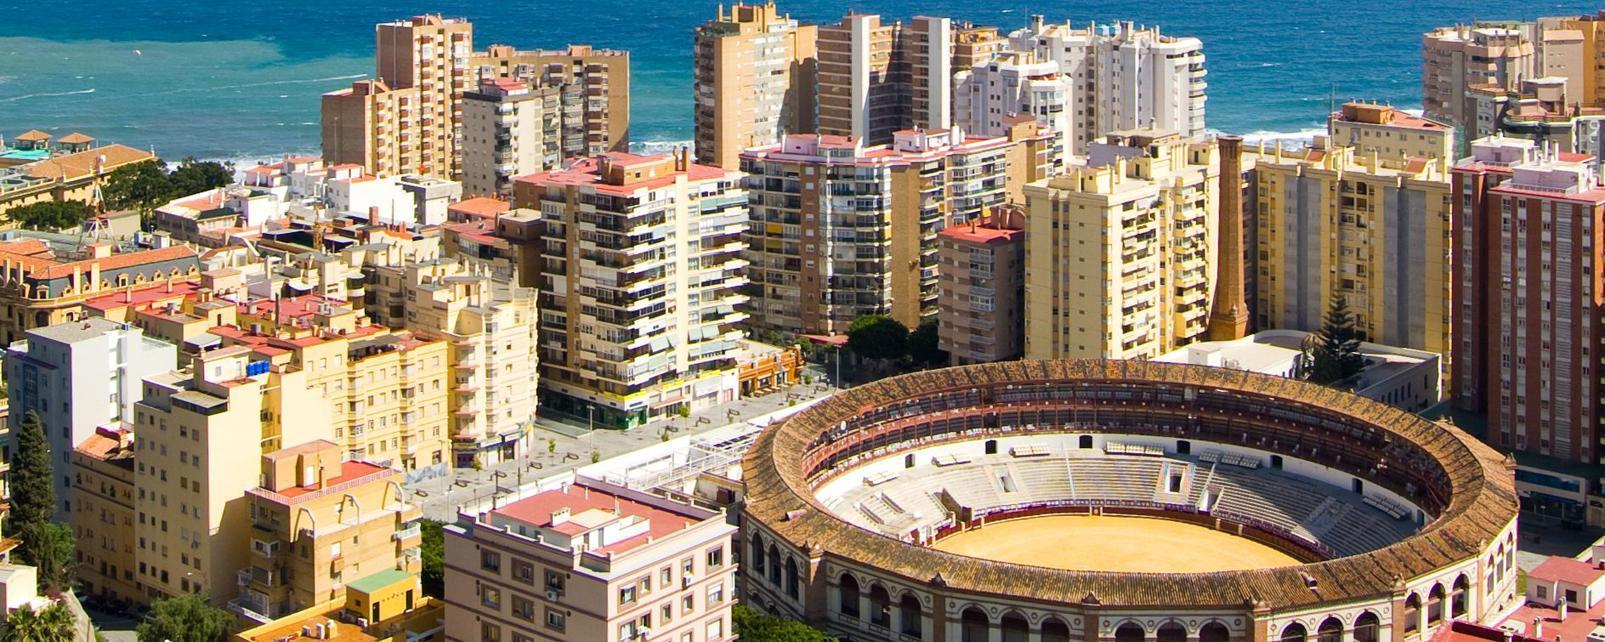 Europe; Espagne; Andalousie; Malaga;